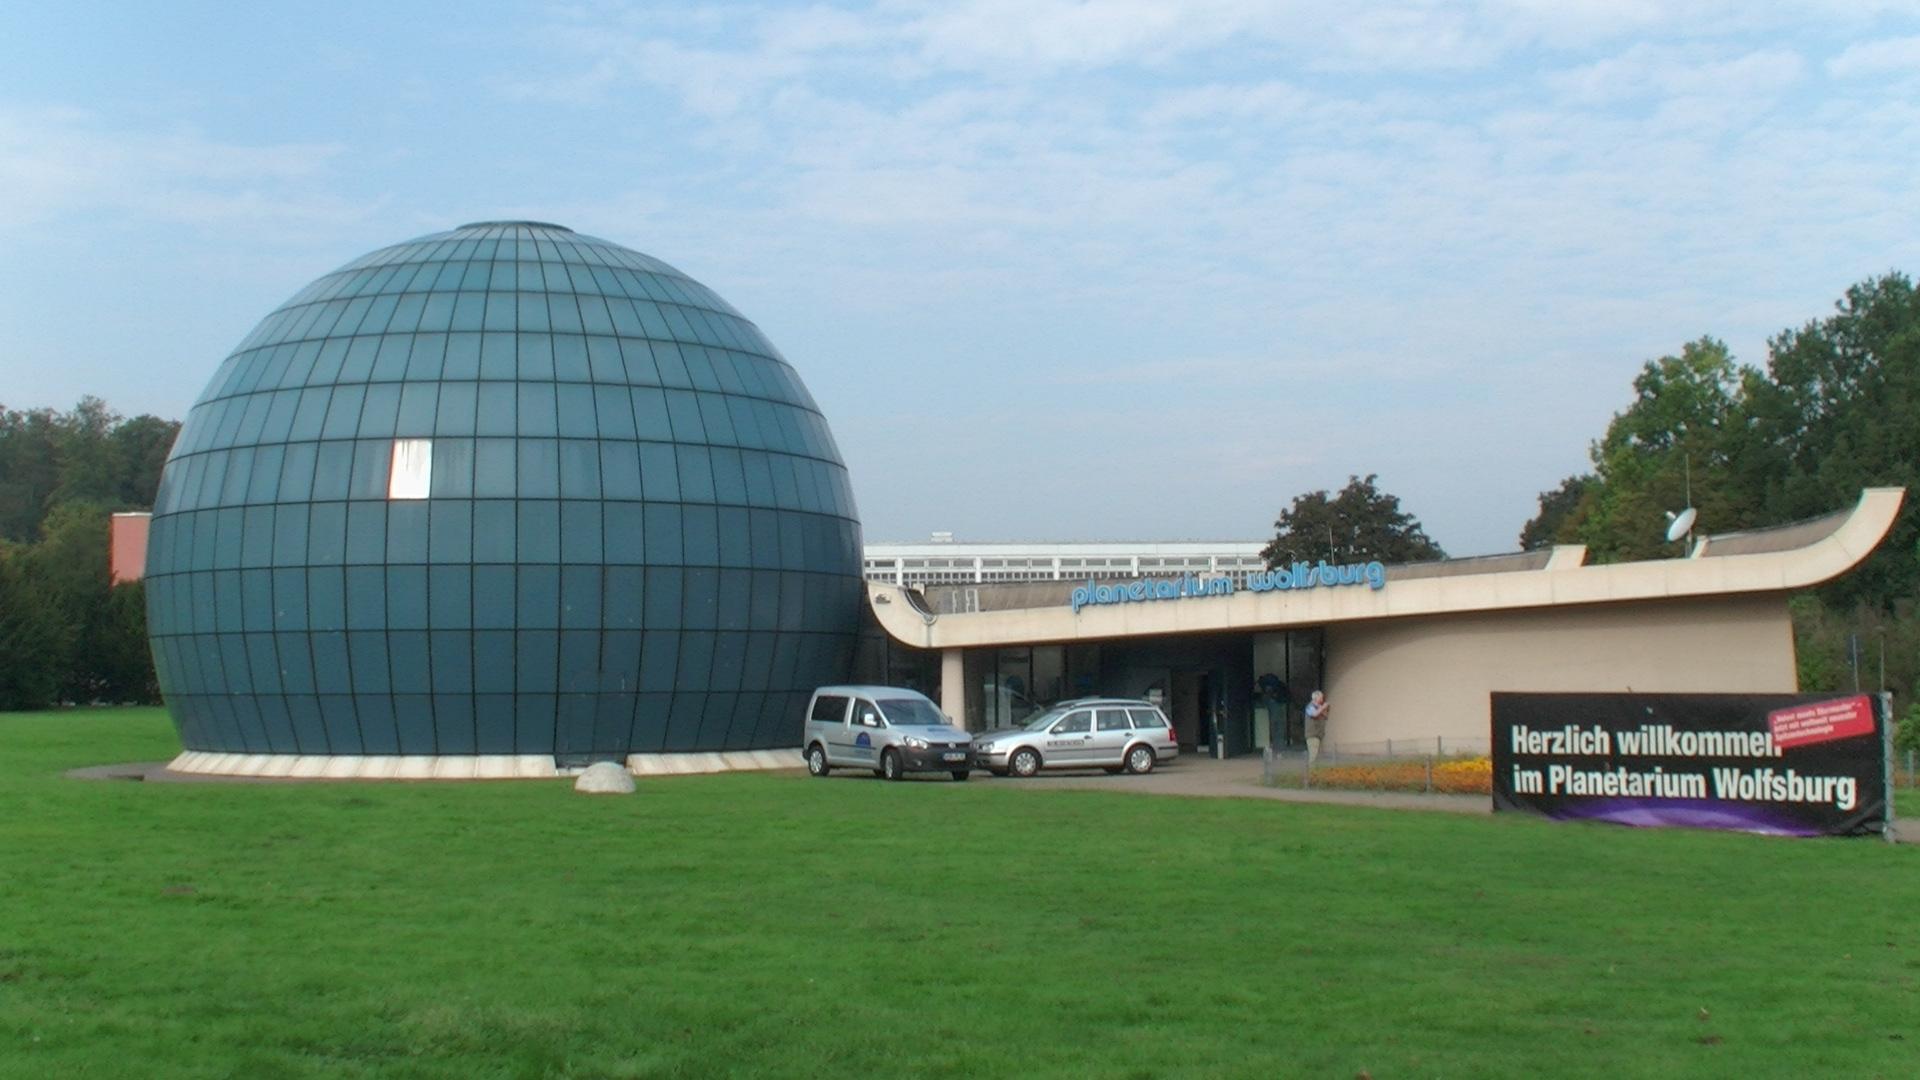 Planetarium Wolfsburg Г¶ffnungszeiten